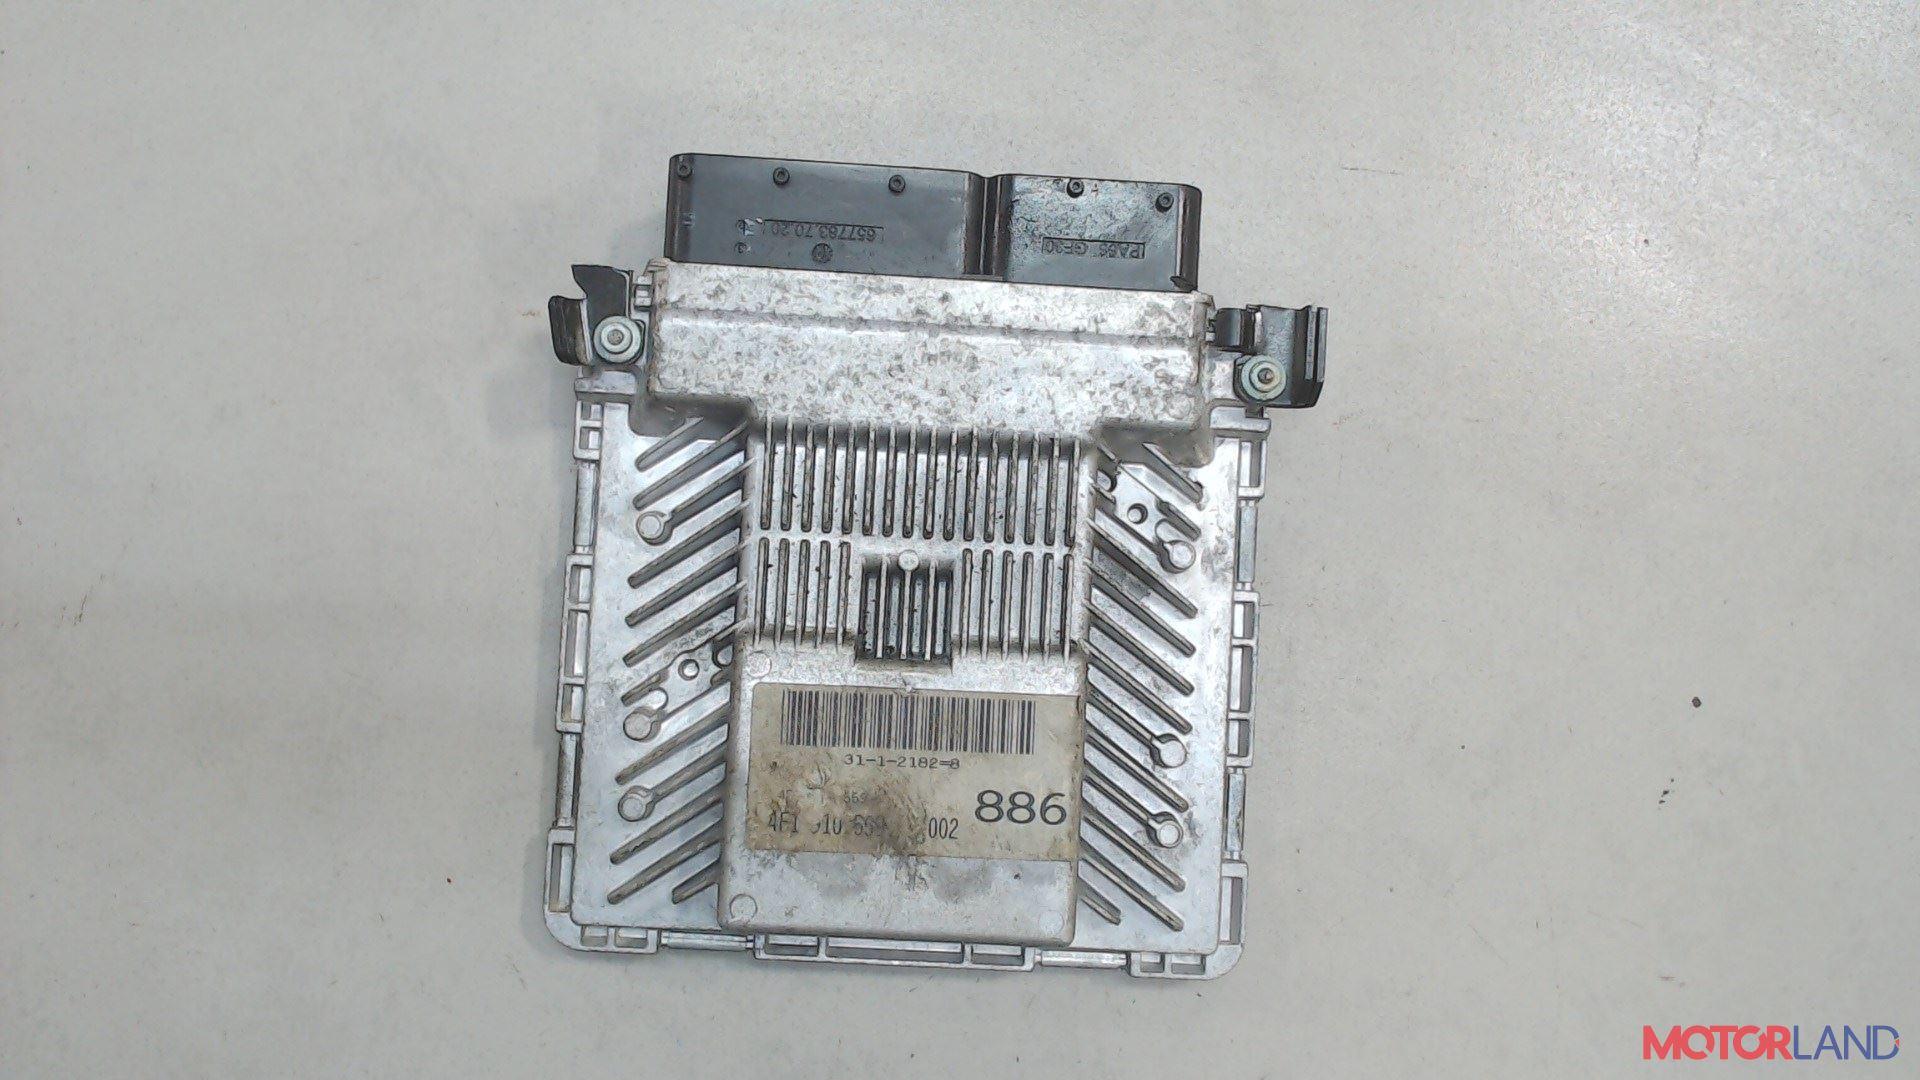 Блок управления (ЭБУ) Audi A6 (C6) 2005-2011 3.2 л. 2005 AUK б/у #1